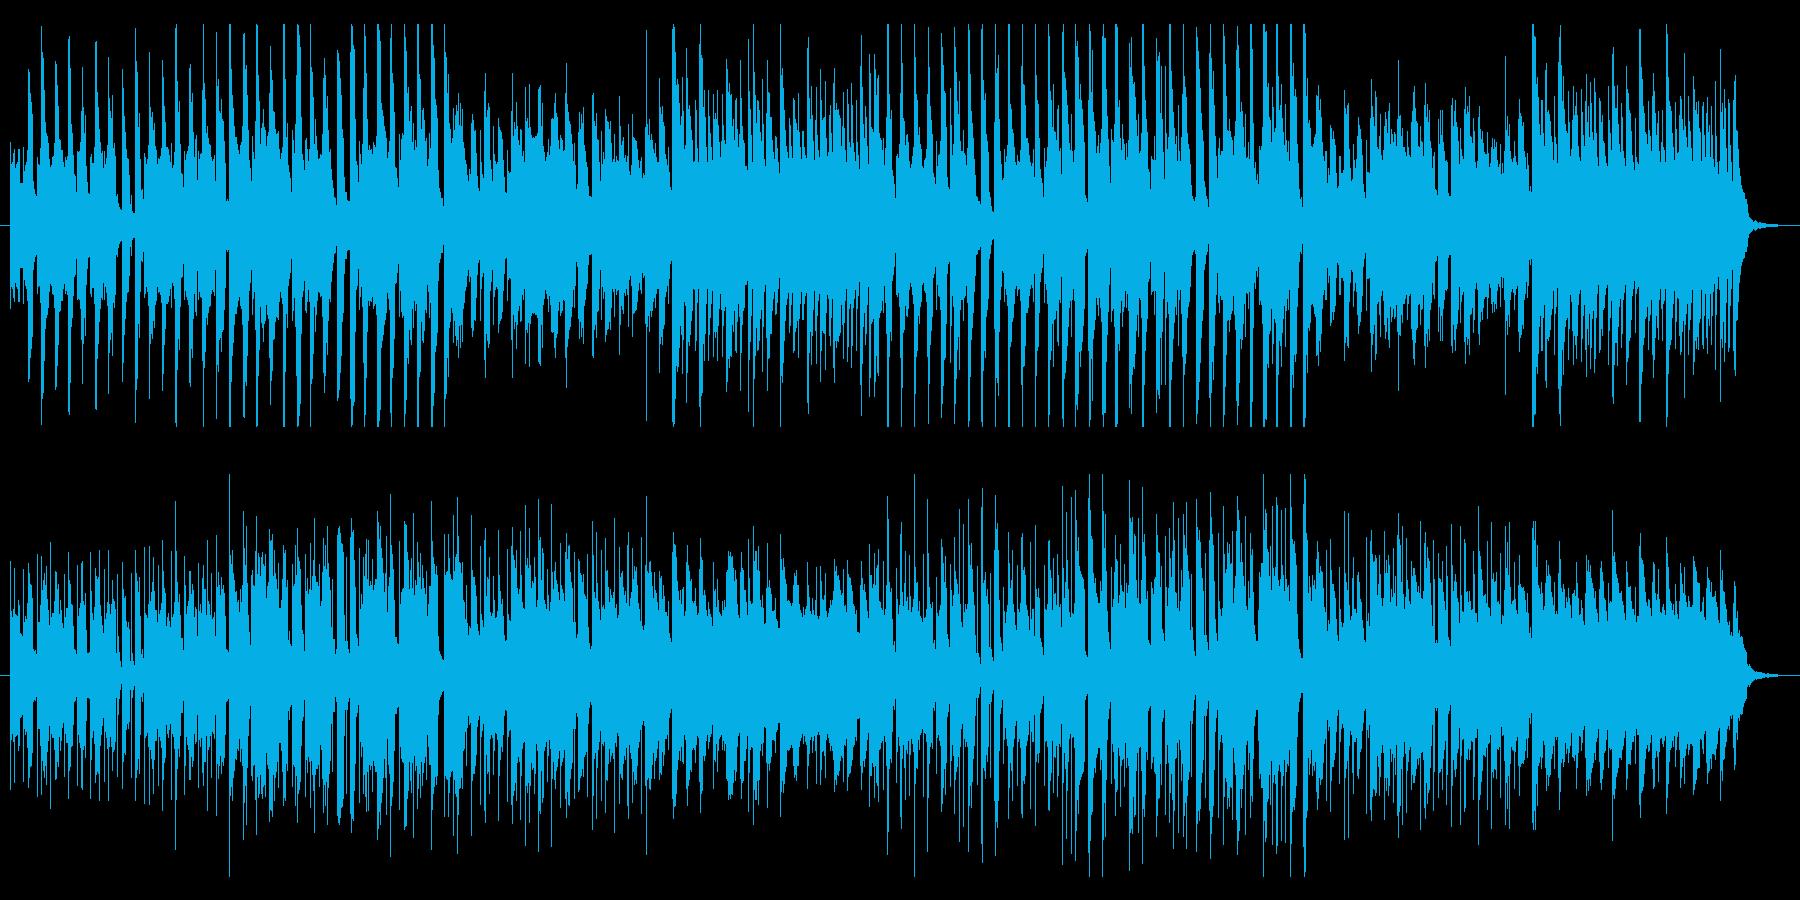 ギャグシーンで流れる曲の再生済みの波形